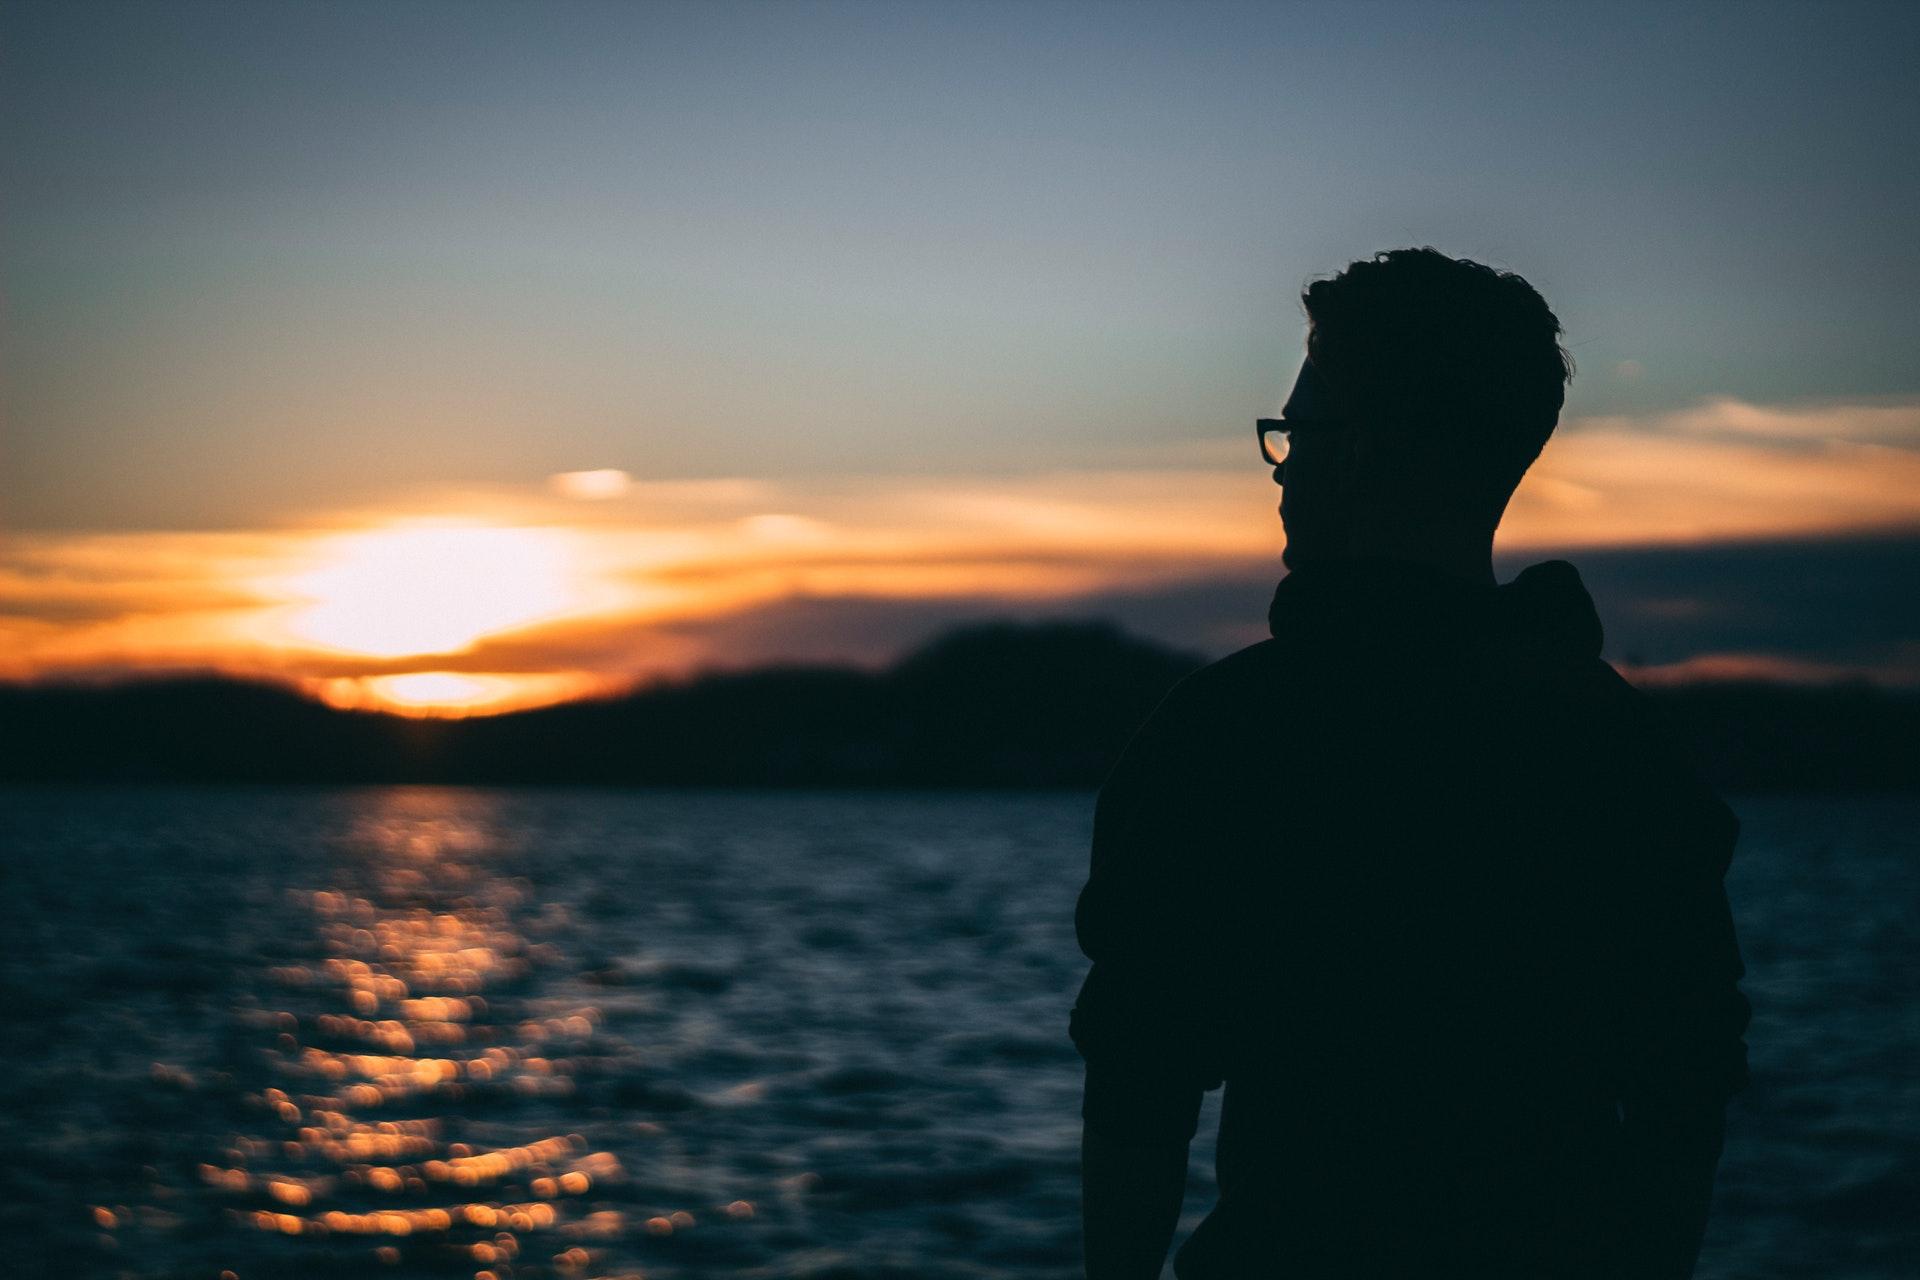 夕陽に映る男